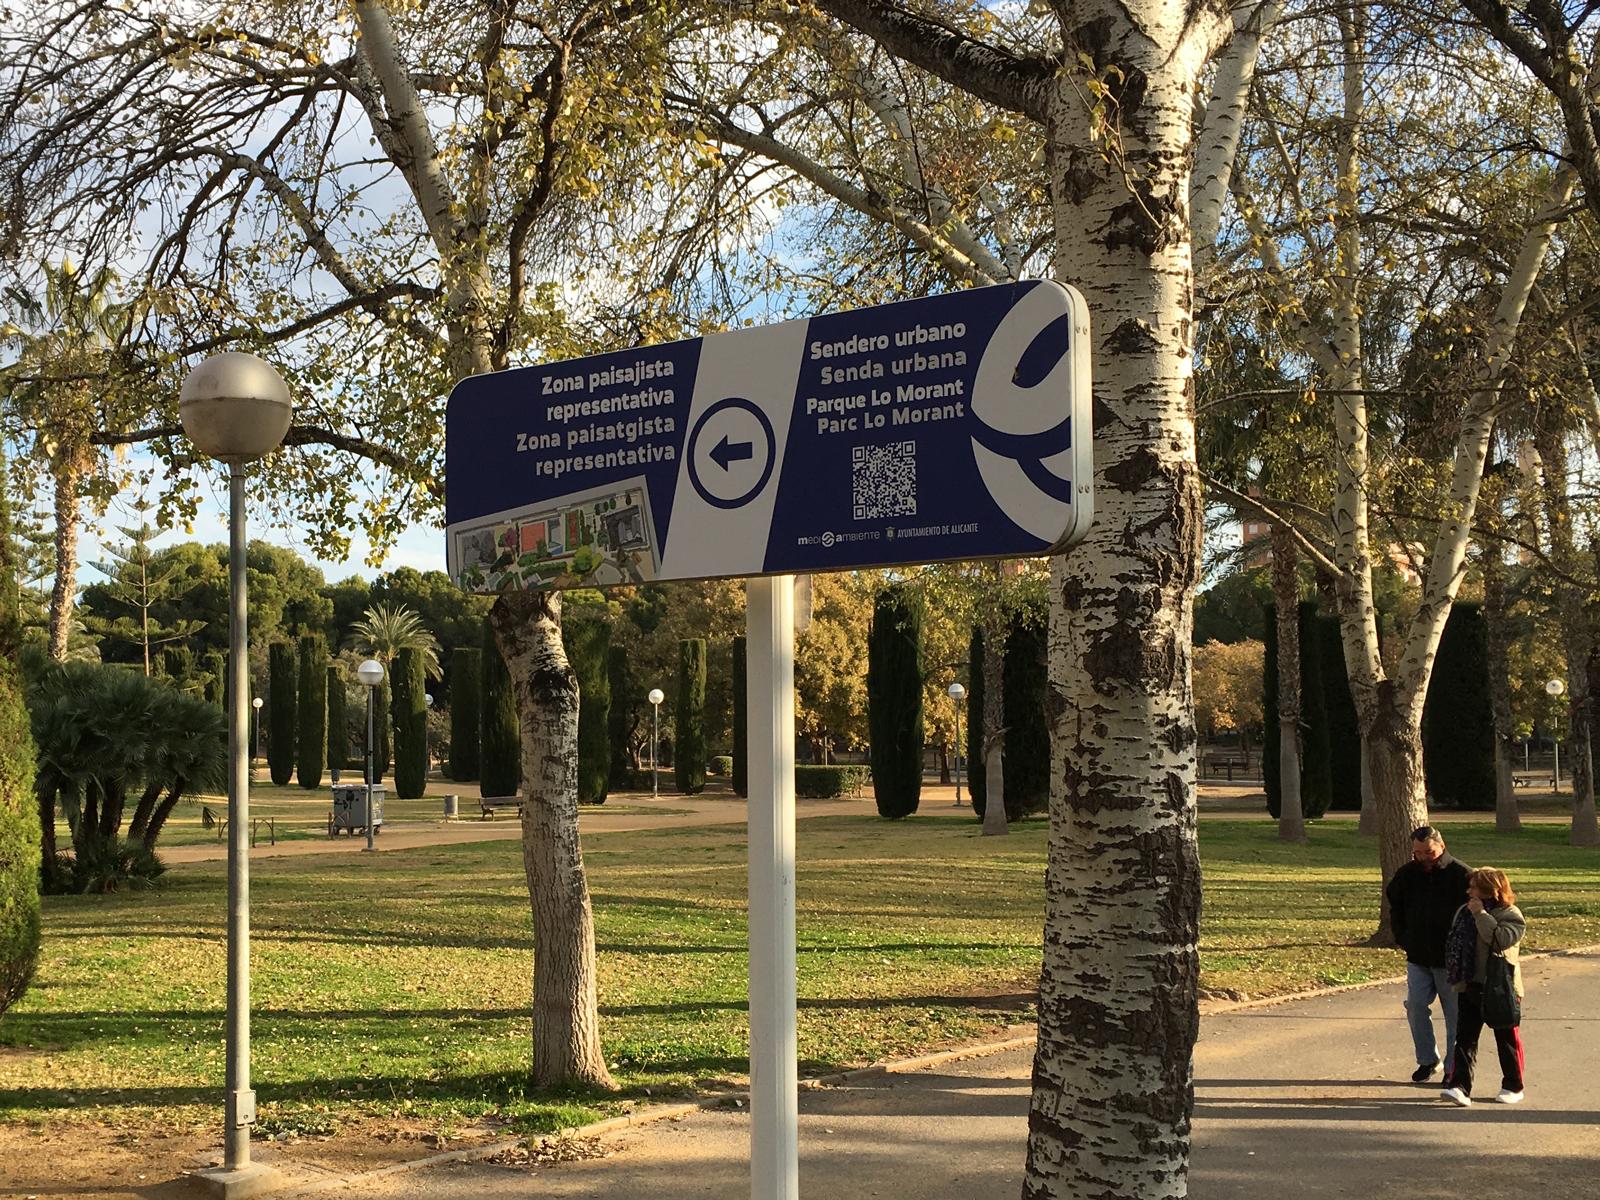 Señal direccional Parque Lo Morant